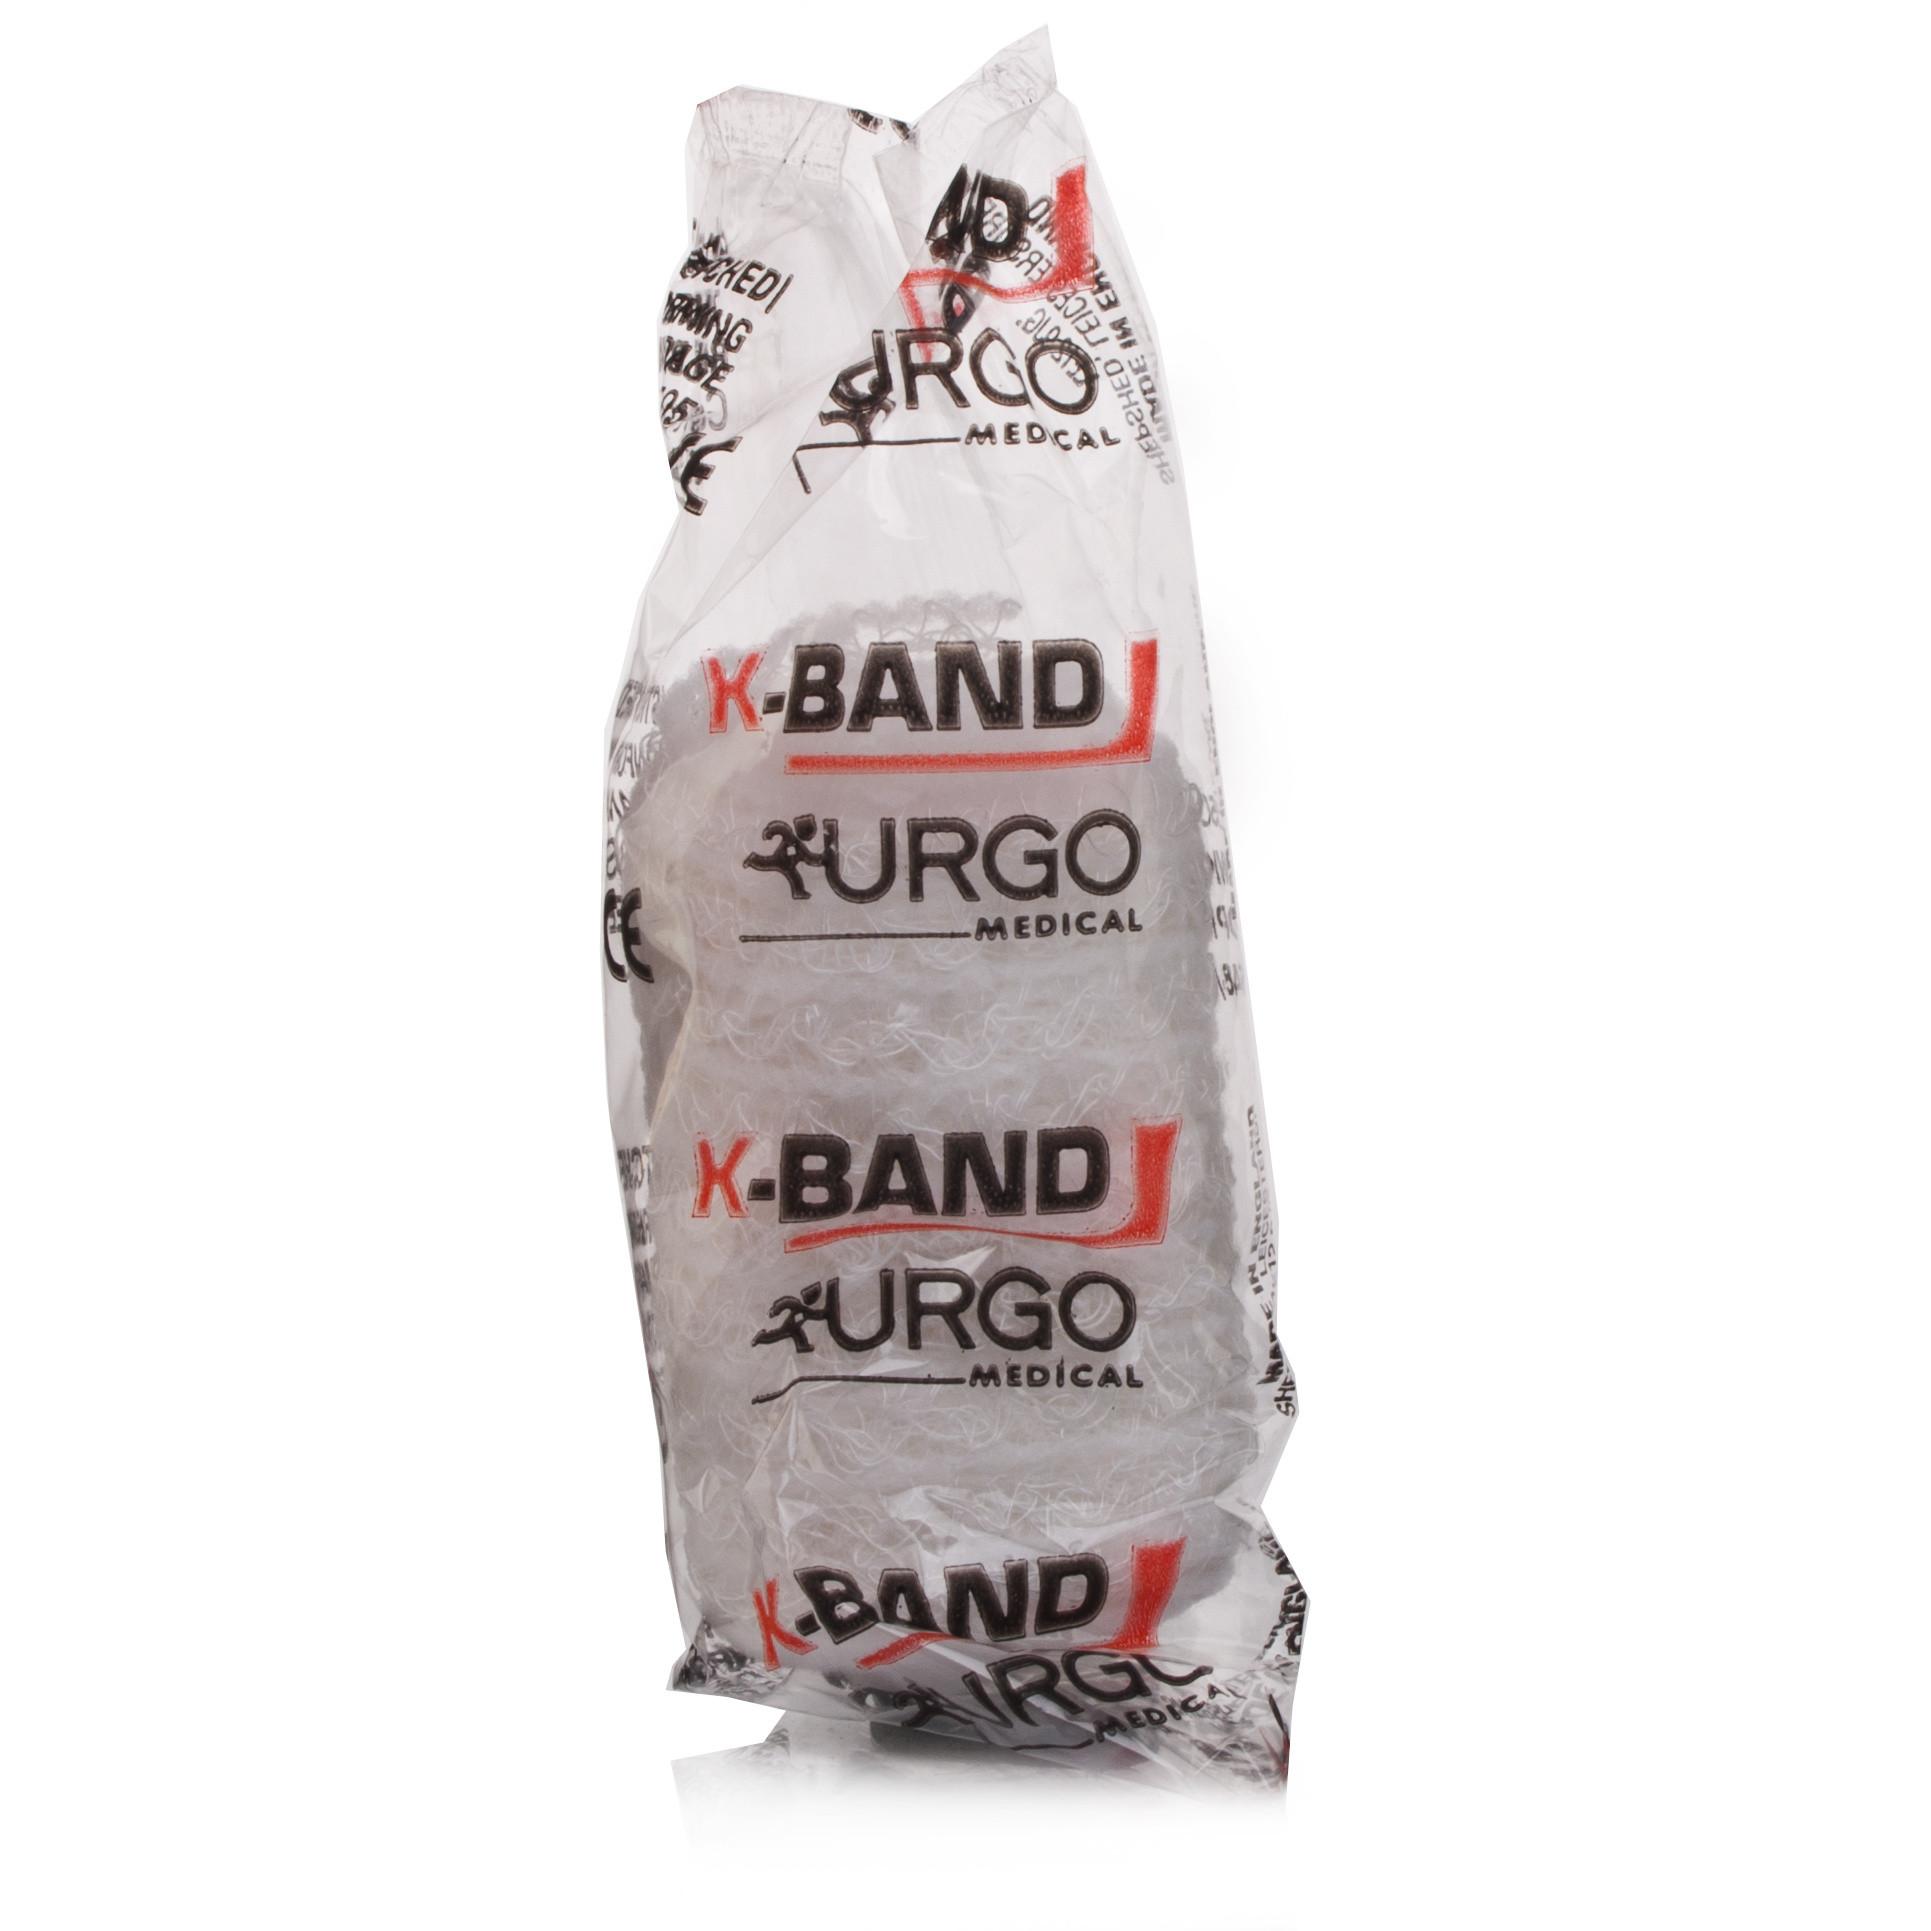 Urgo K Band Bandage - 5cm x 4m